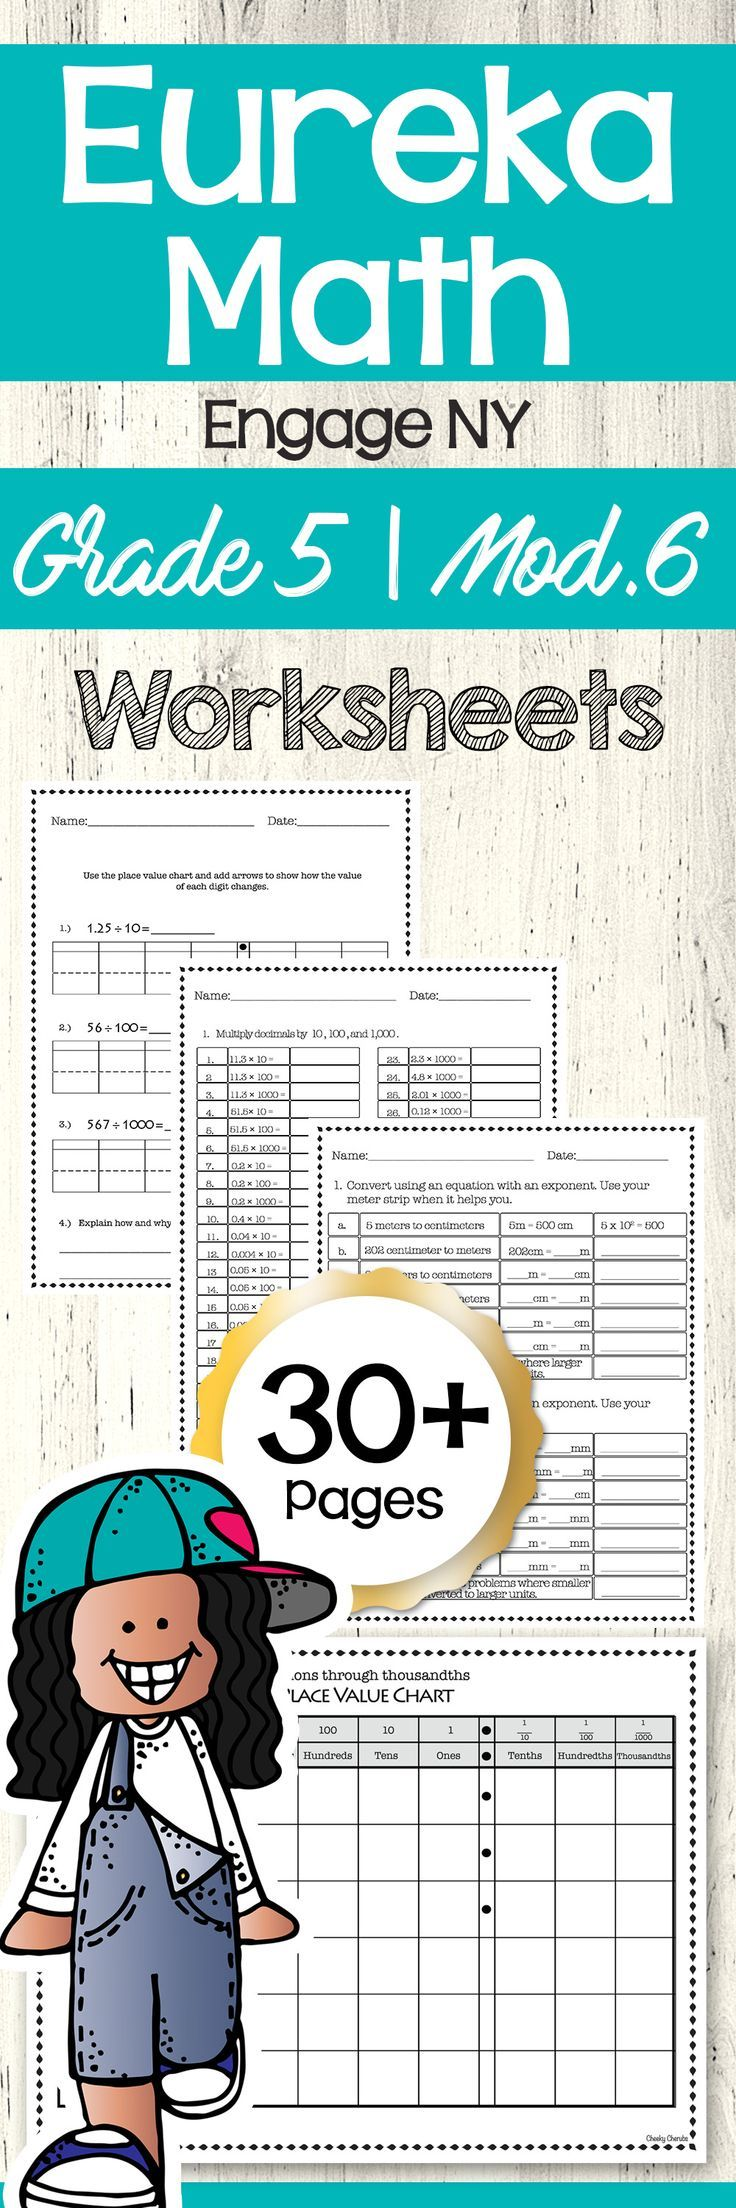 Eureka Math Engage Ny 5th Grade Extra Worksheets Module 6 Eureka Math Engage Ny Math [ 2208 x 736 Pixel ]